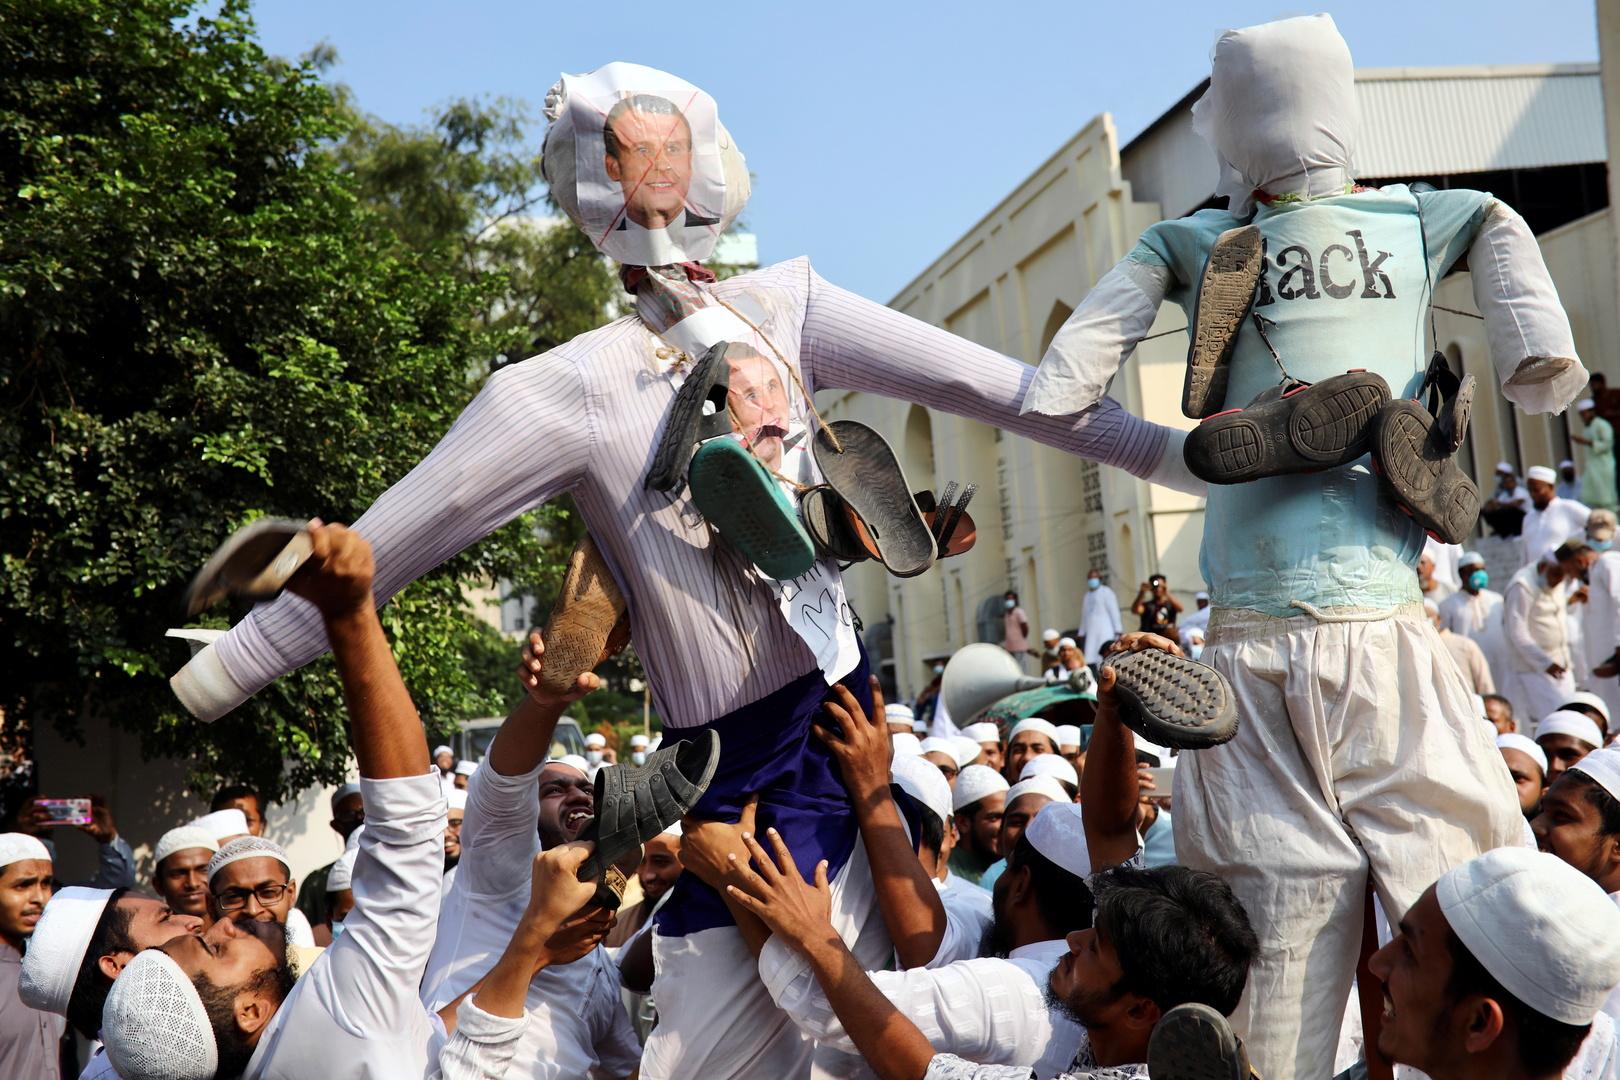 بنغلاديش... ضرب رجل حتى الموت وإحراق جثته بعد اتهامه بتدنيس القرآن